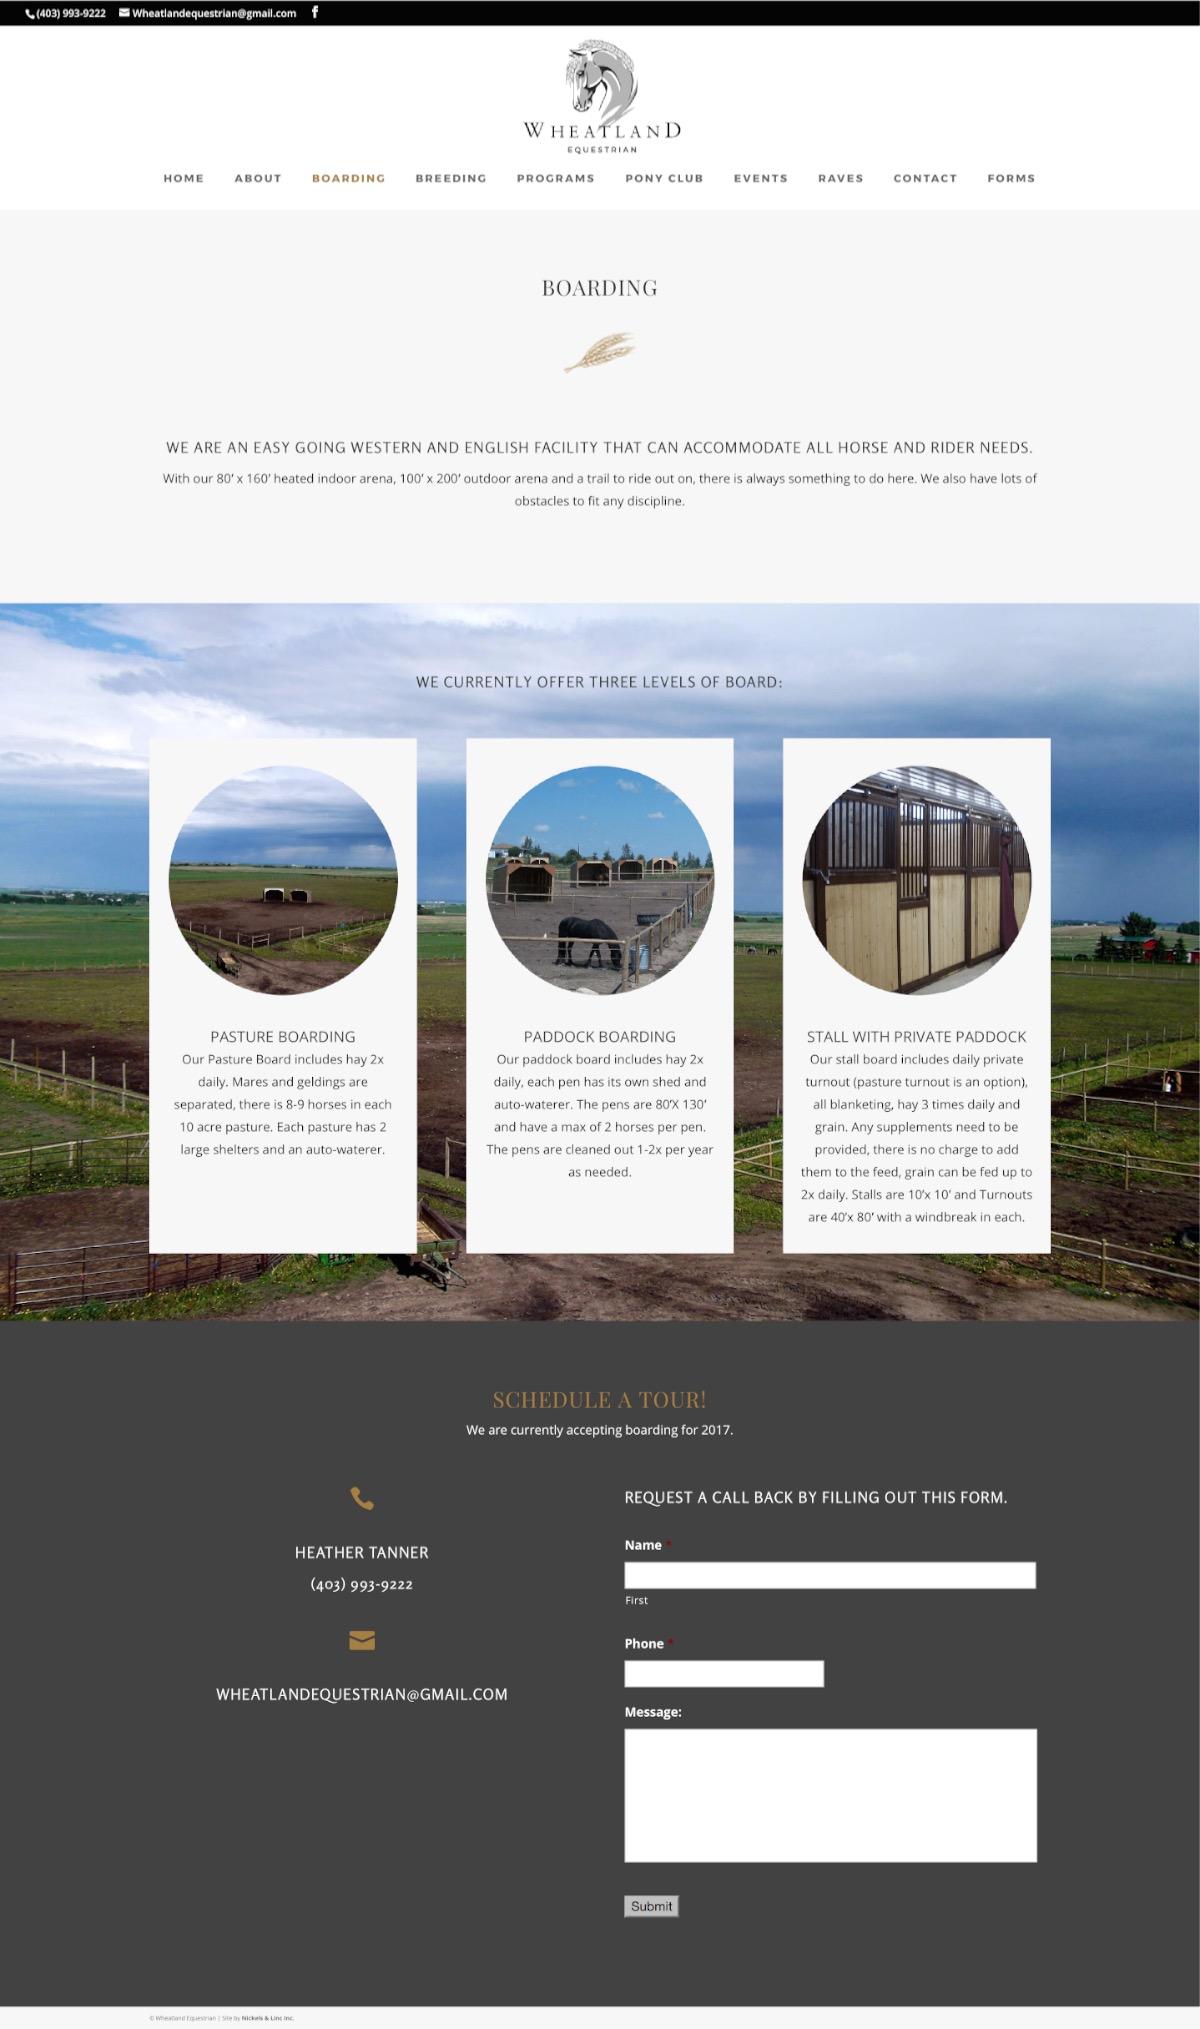 okotoks-horse-boarding-website-breeding-1.jpg